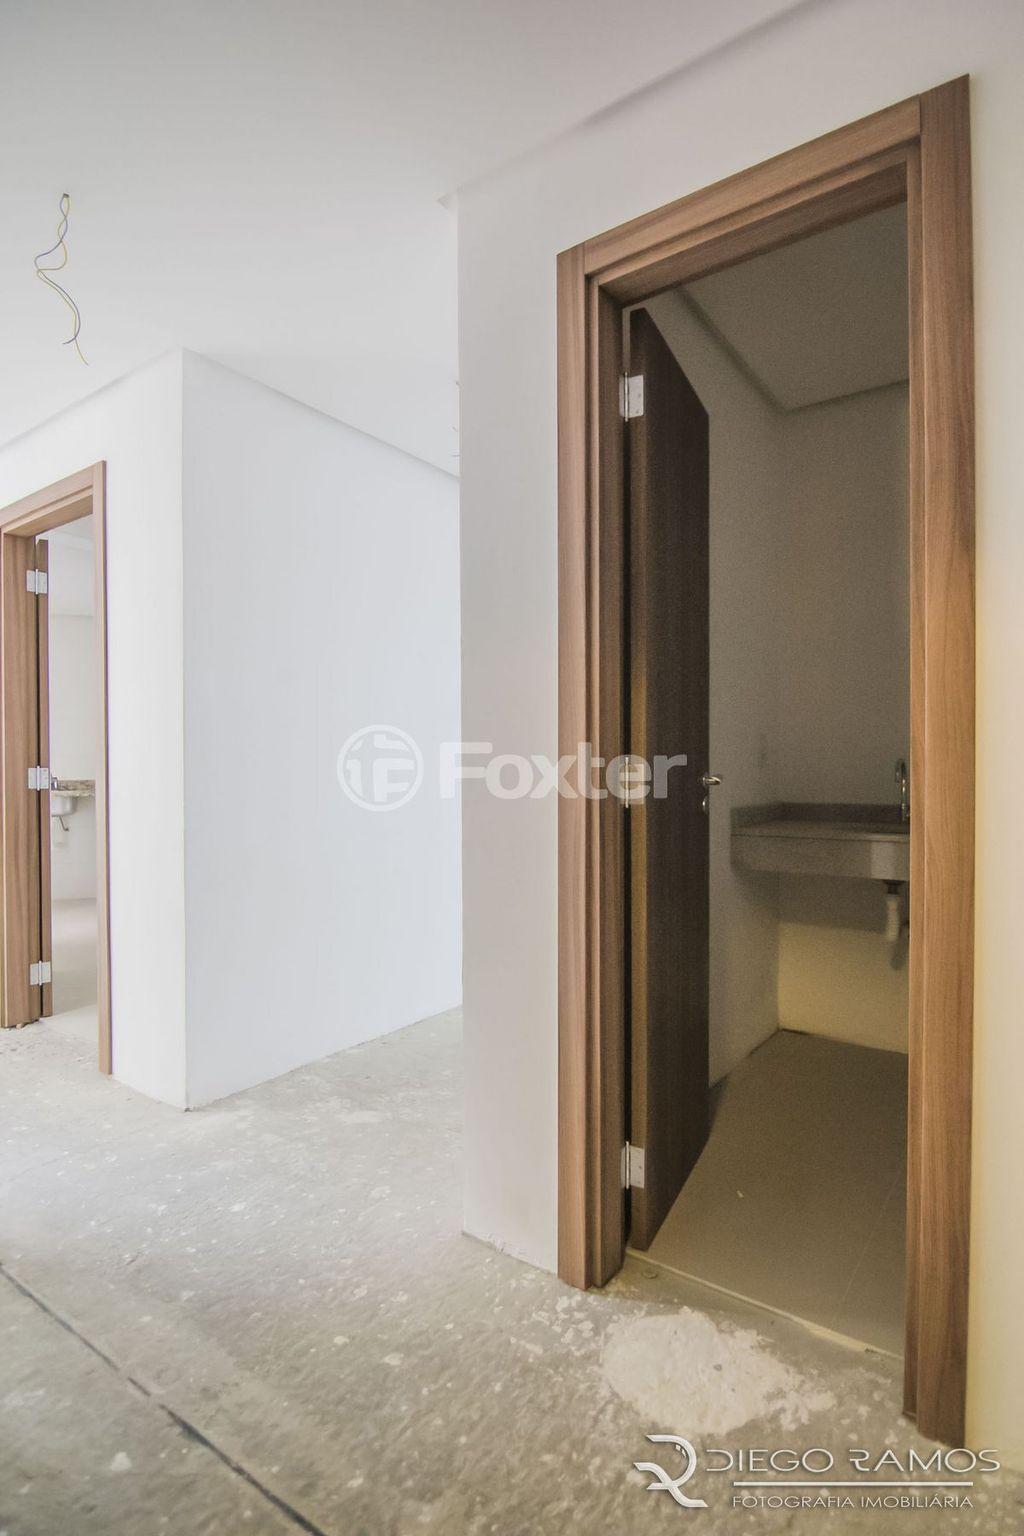 Cobertura 2 Dorm, Bela Vista, Porto Alegre (132389) - Foto 11